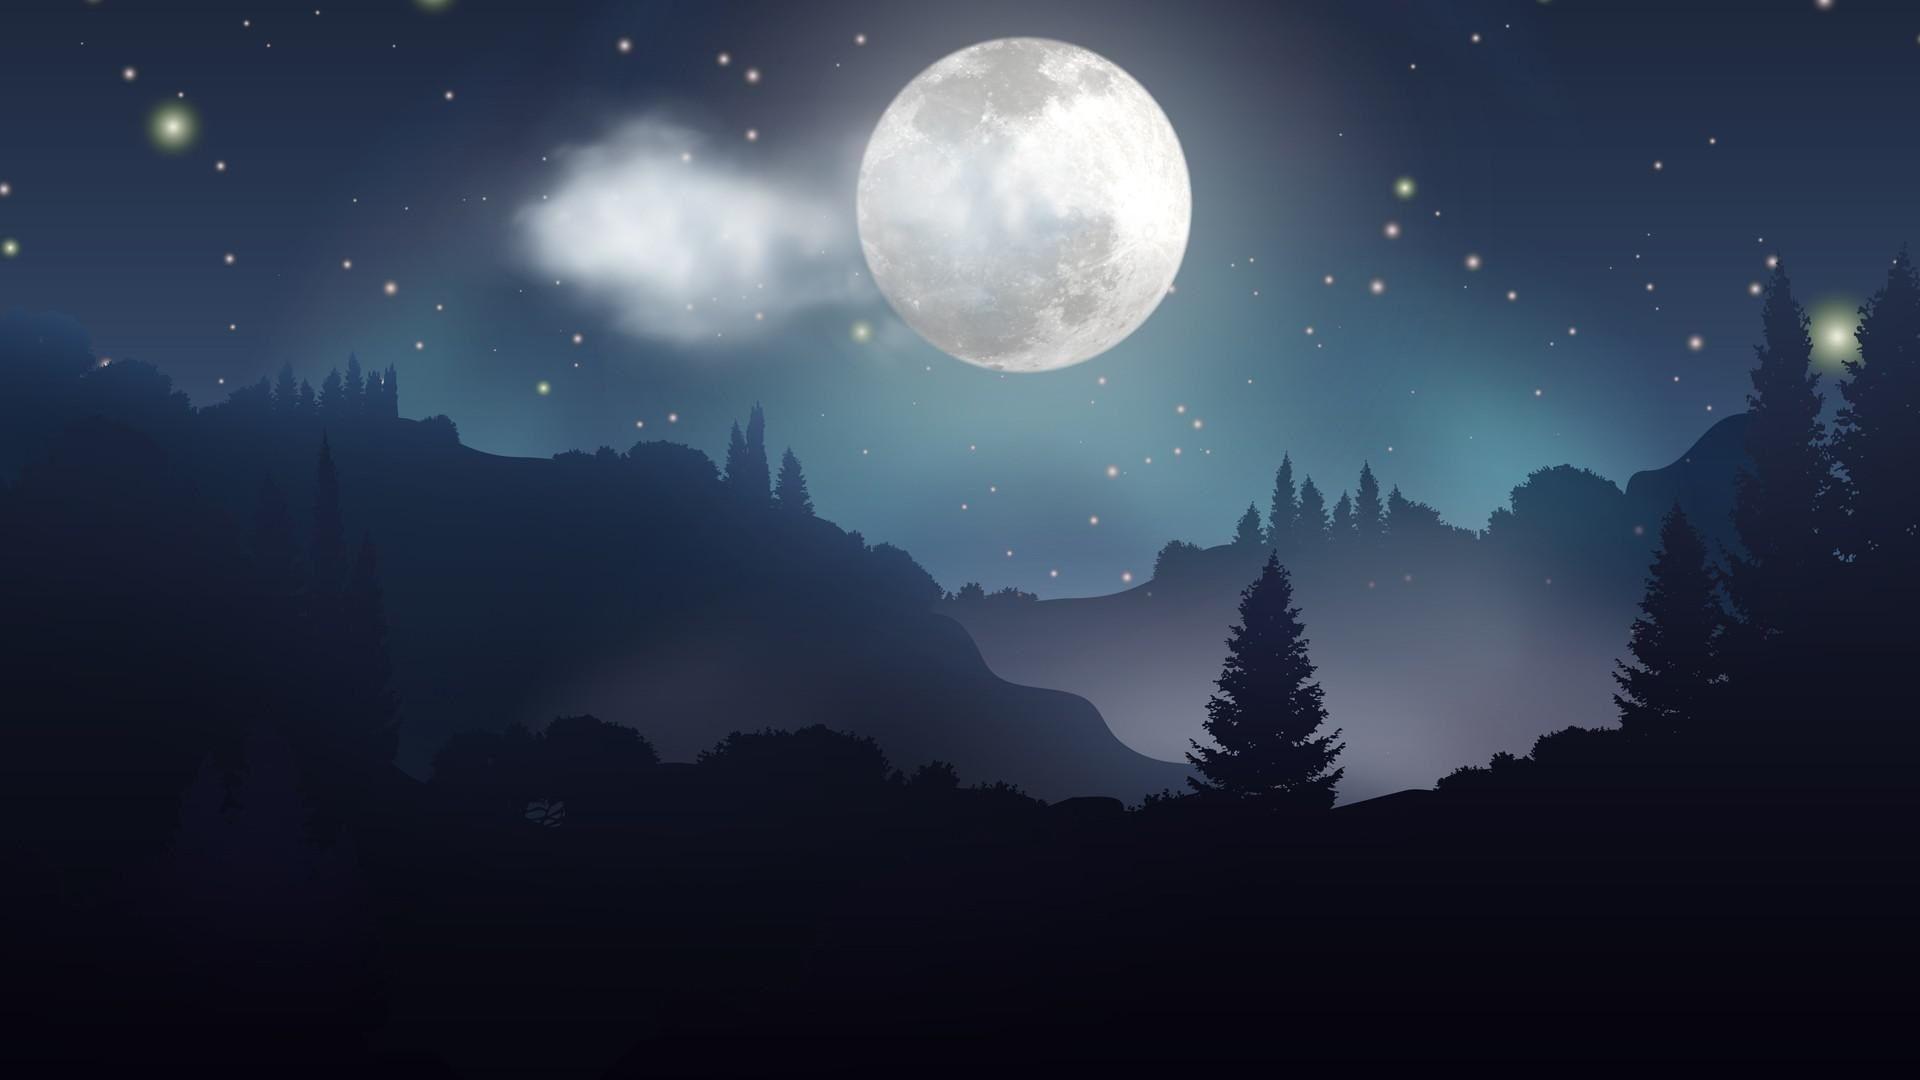 Moon download nice wallpaper